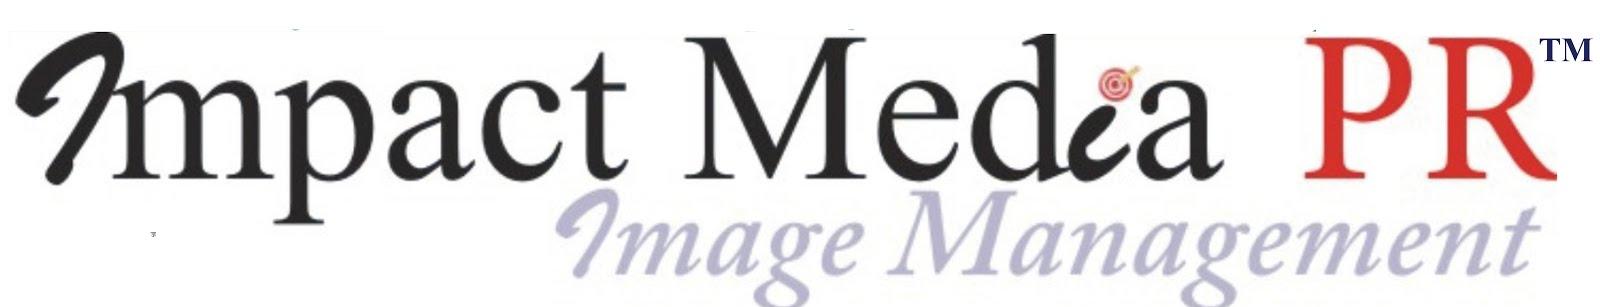 Impact Media PR™- Image Management